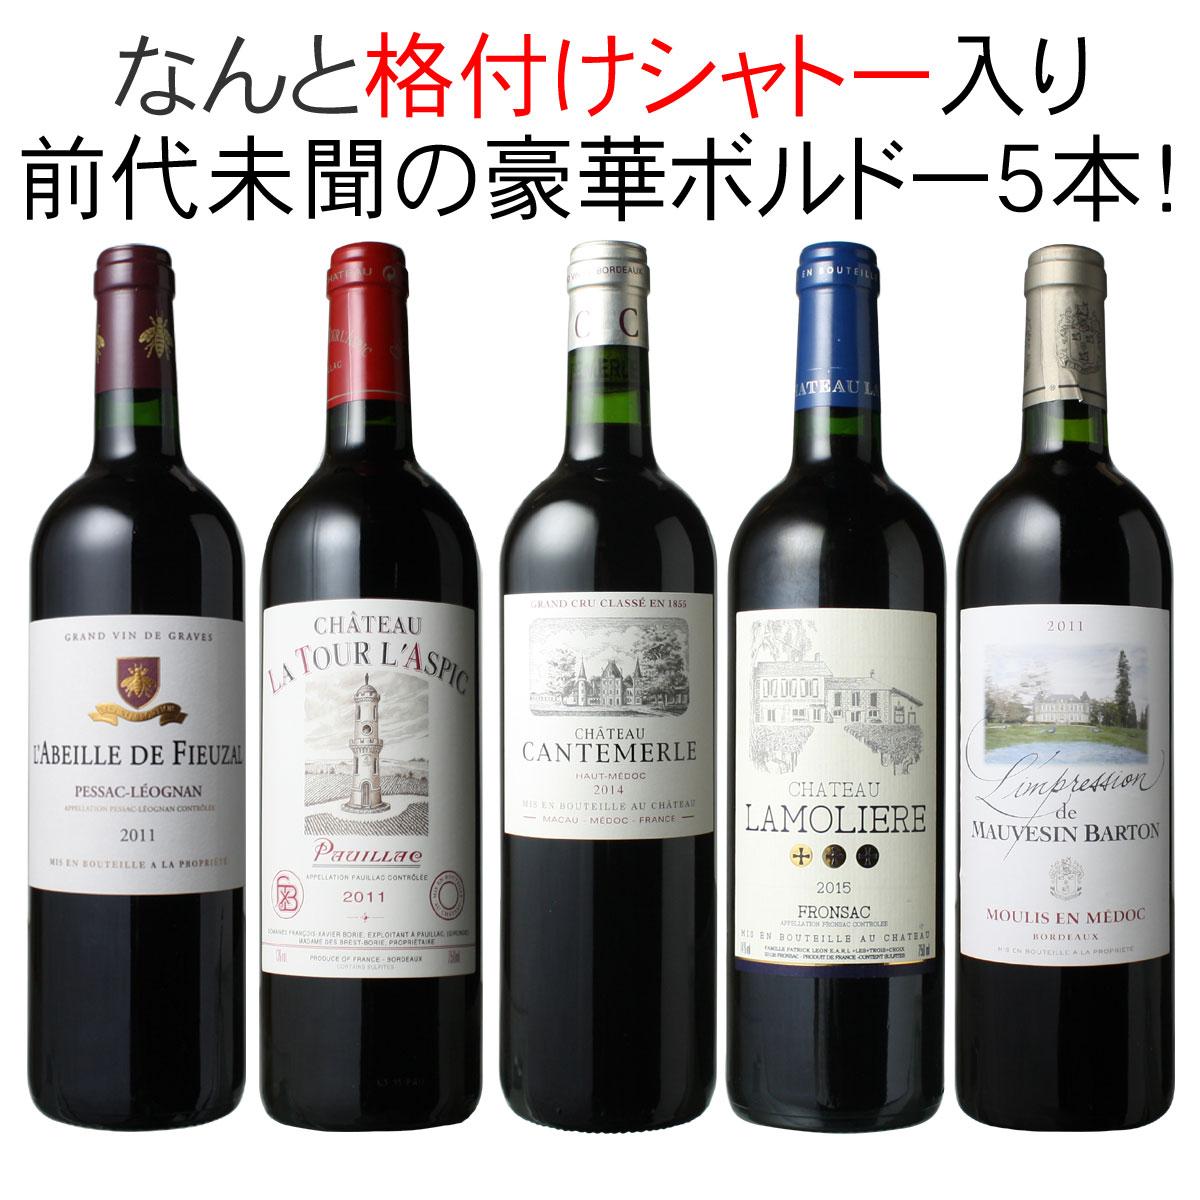 【送料無料】ワインセット メドック 格付けシャトー入り ボルドー ワイン 5本 セット 赤ワイン パーティー 家飲み 御祝 誕生日 母の日 ギフト 前代未聞 第20弾